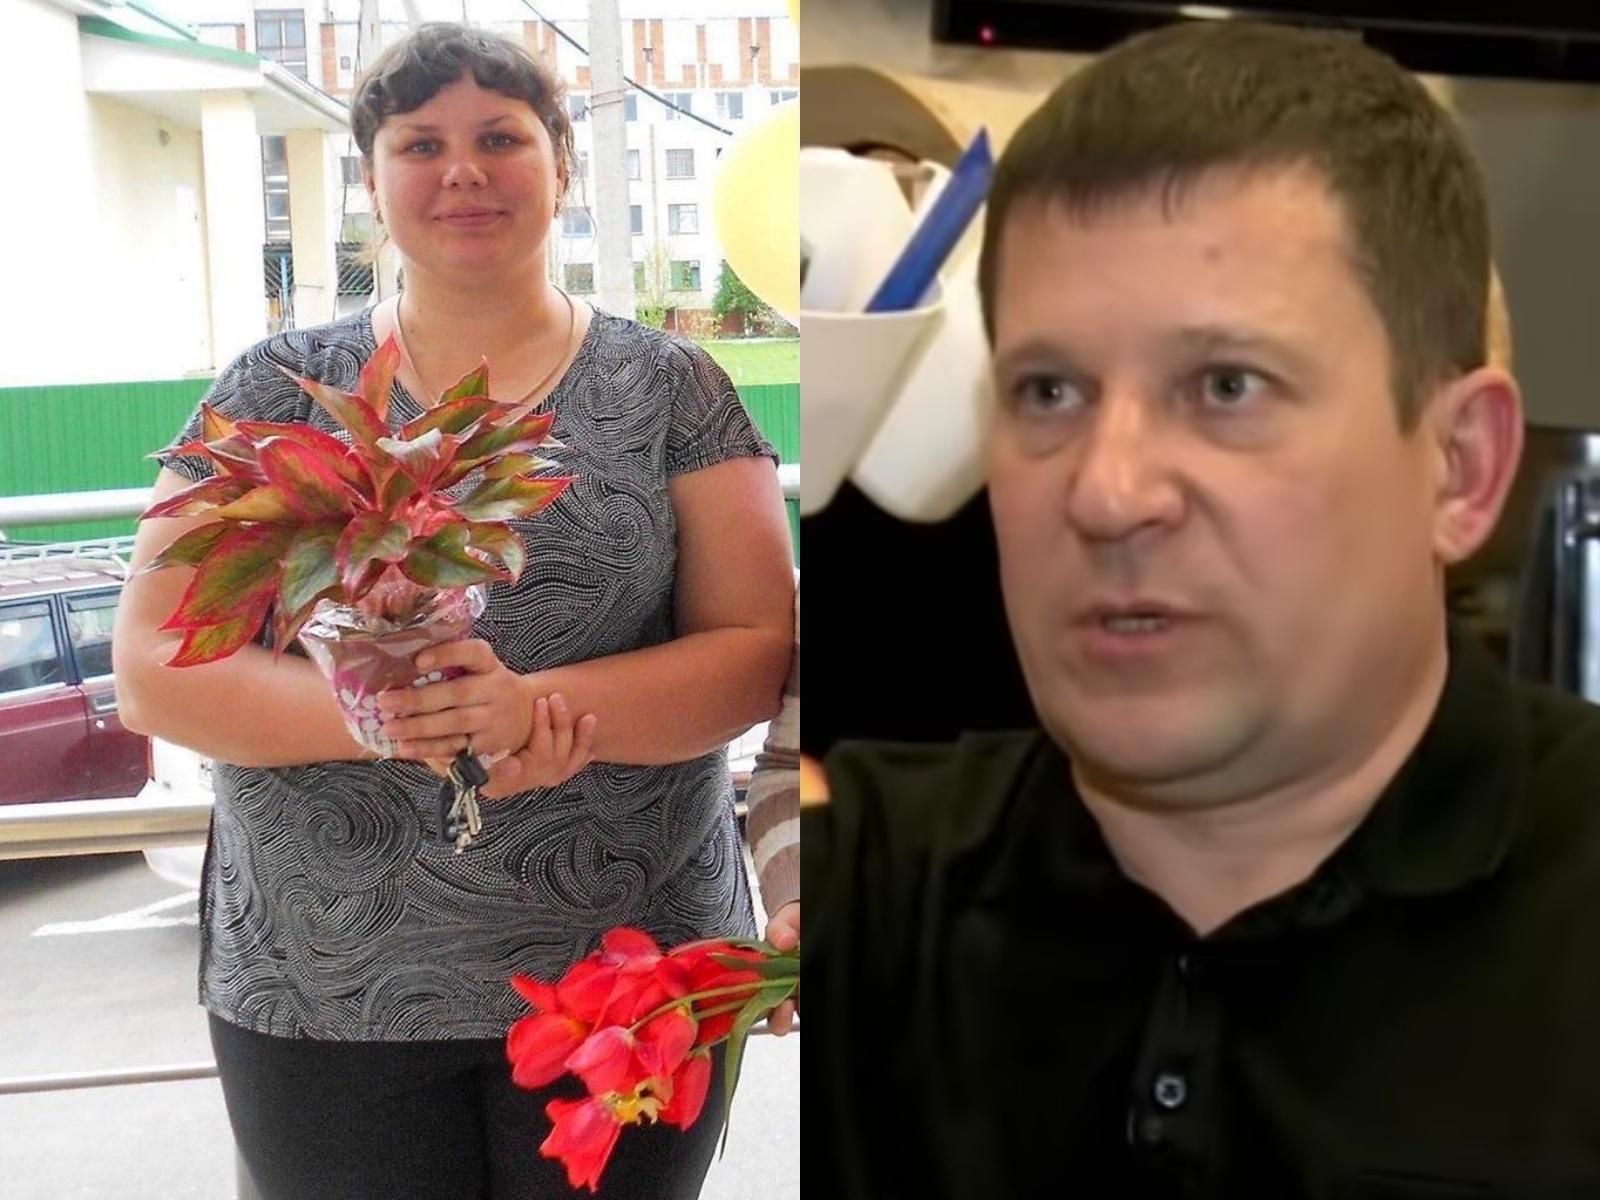 Слева —Марина Балмашева до похудения. Справа —Алексей Шавырин, отец Вовы. Фото © Instagram / marina_balmasheva. Скриншот © YouTube / Прямой эфир